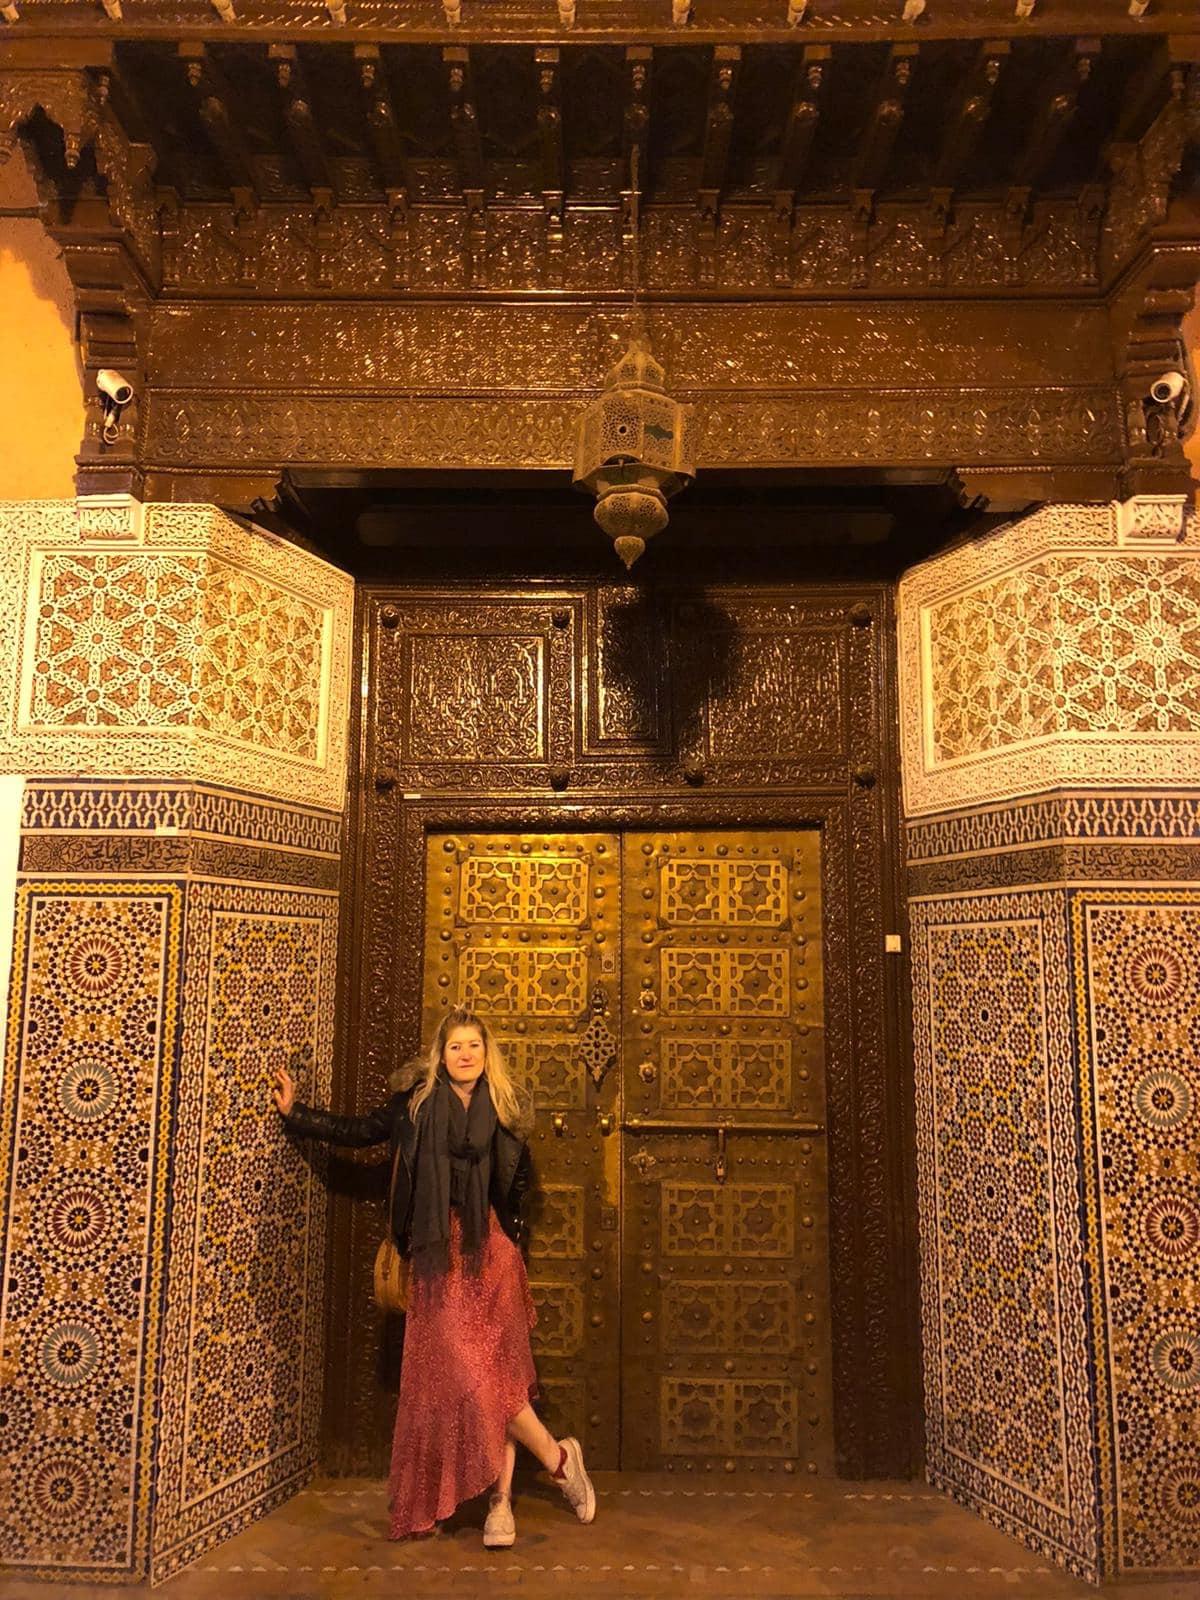 Doorways of Marrakech